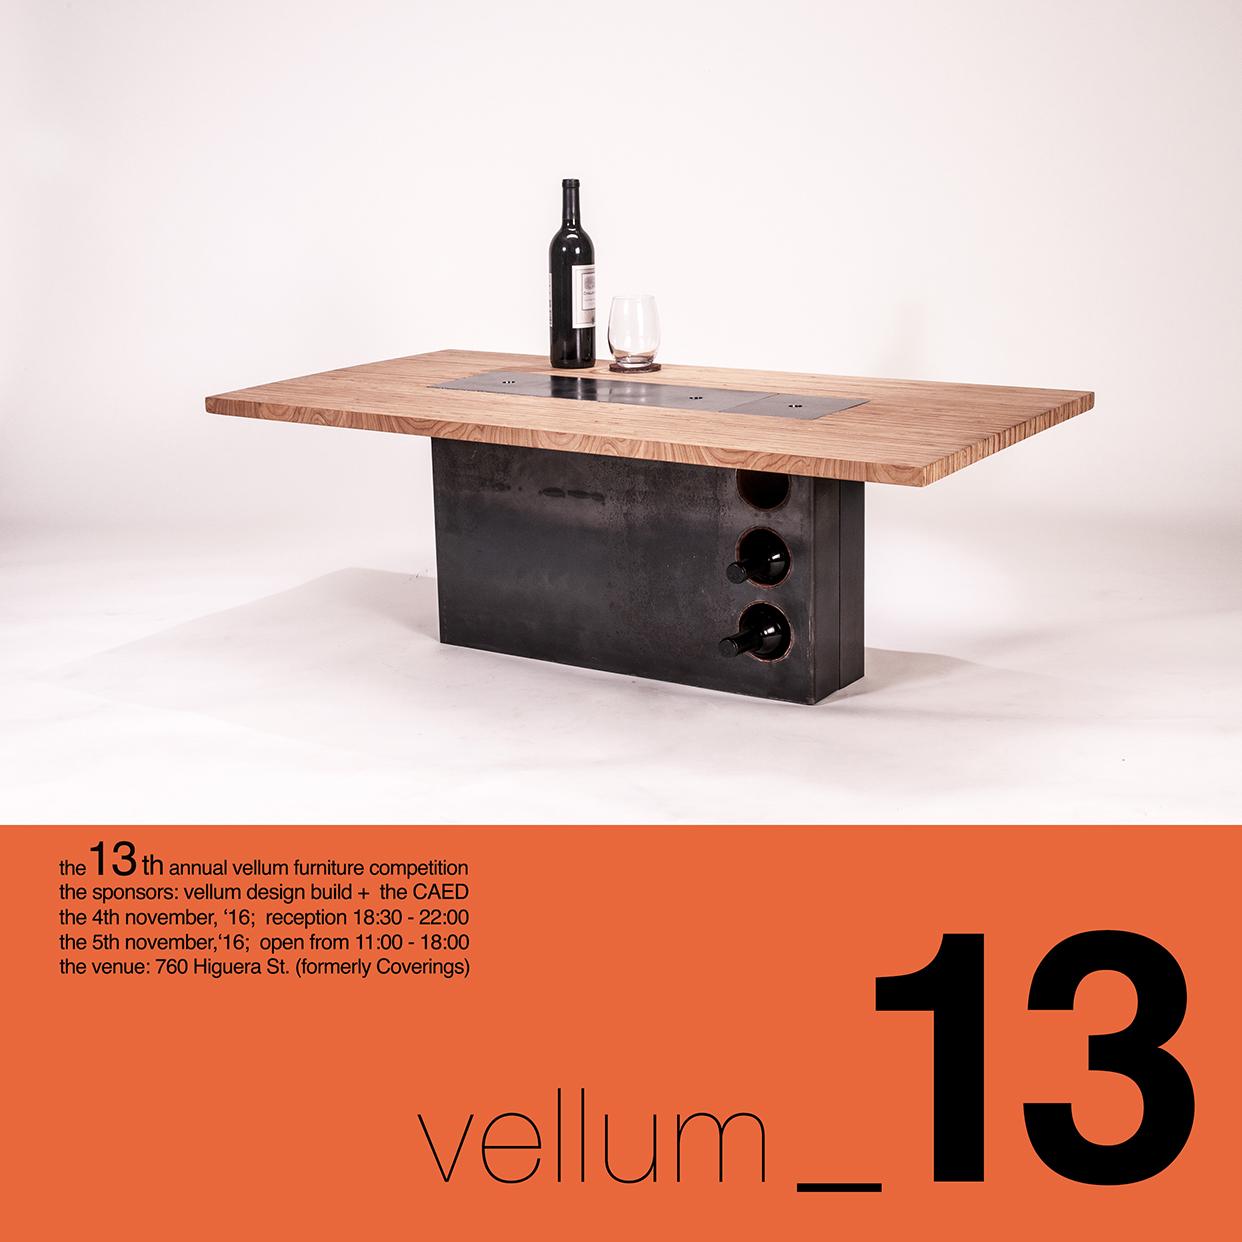 Furniture Design Exhibition vellum/caed furniture competition & exhibition - architecture